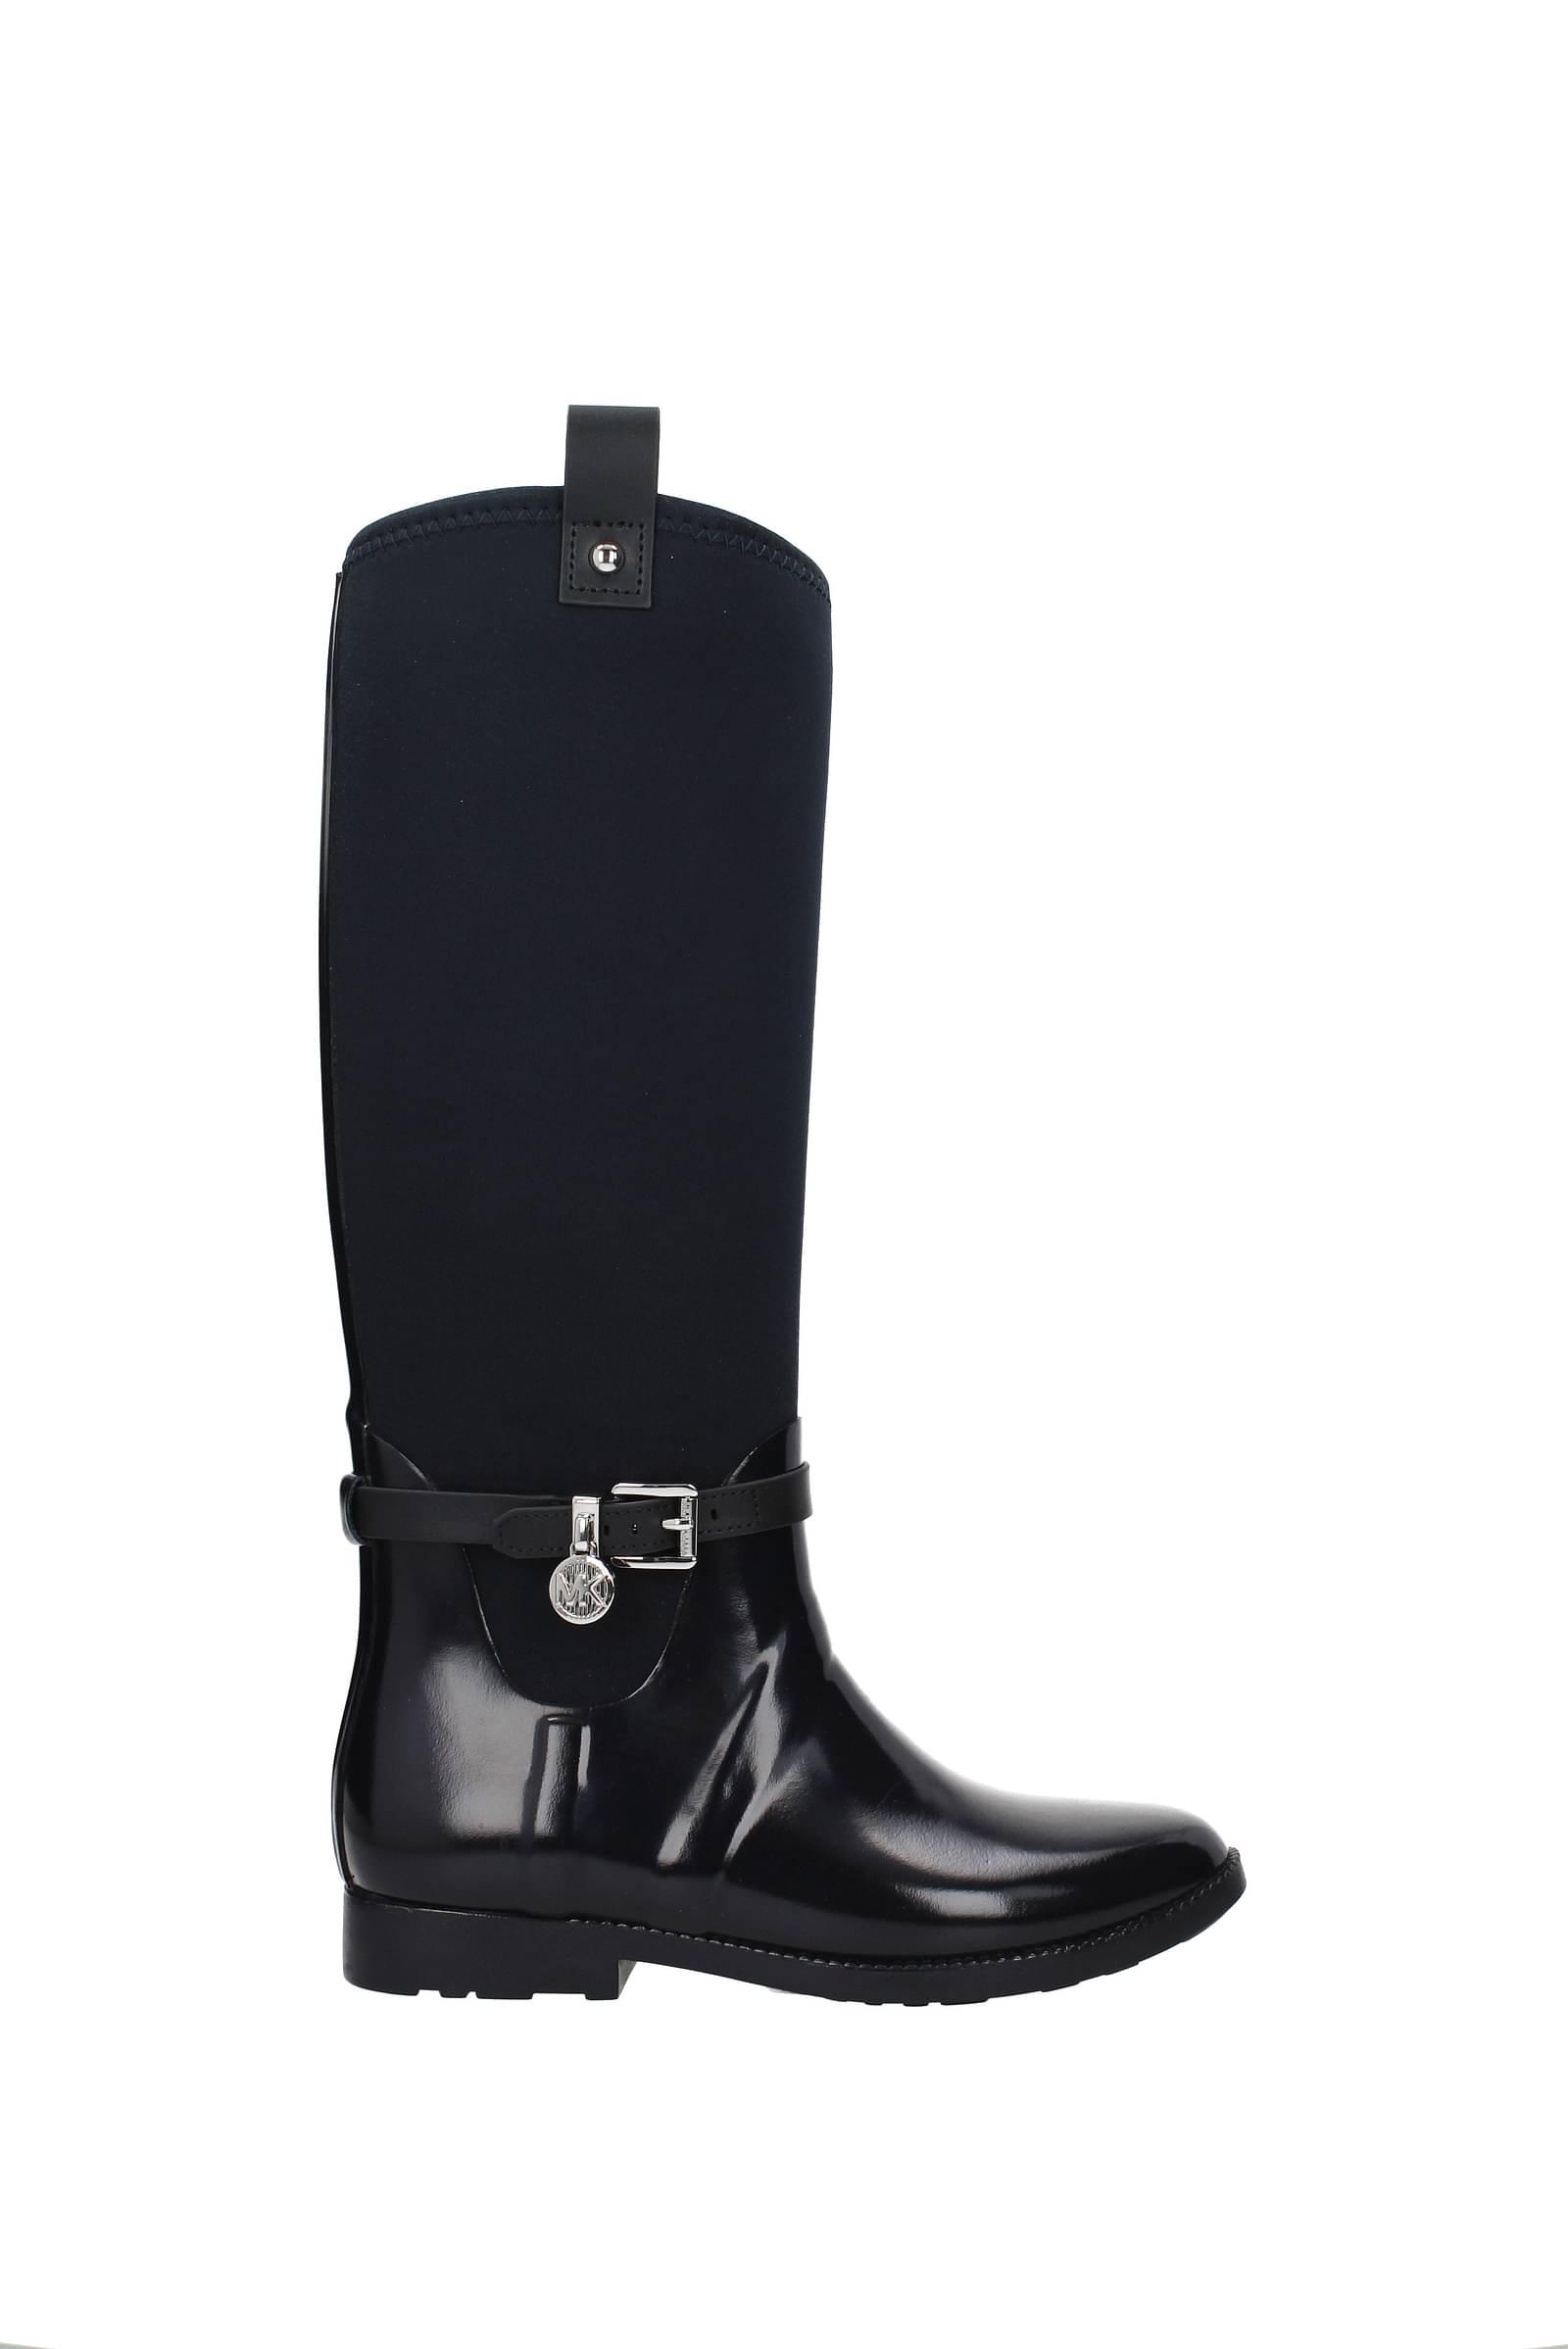 Michael Kors Outlet - Boots   B-Exit